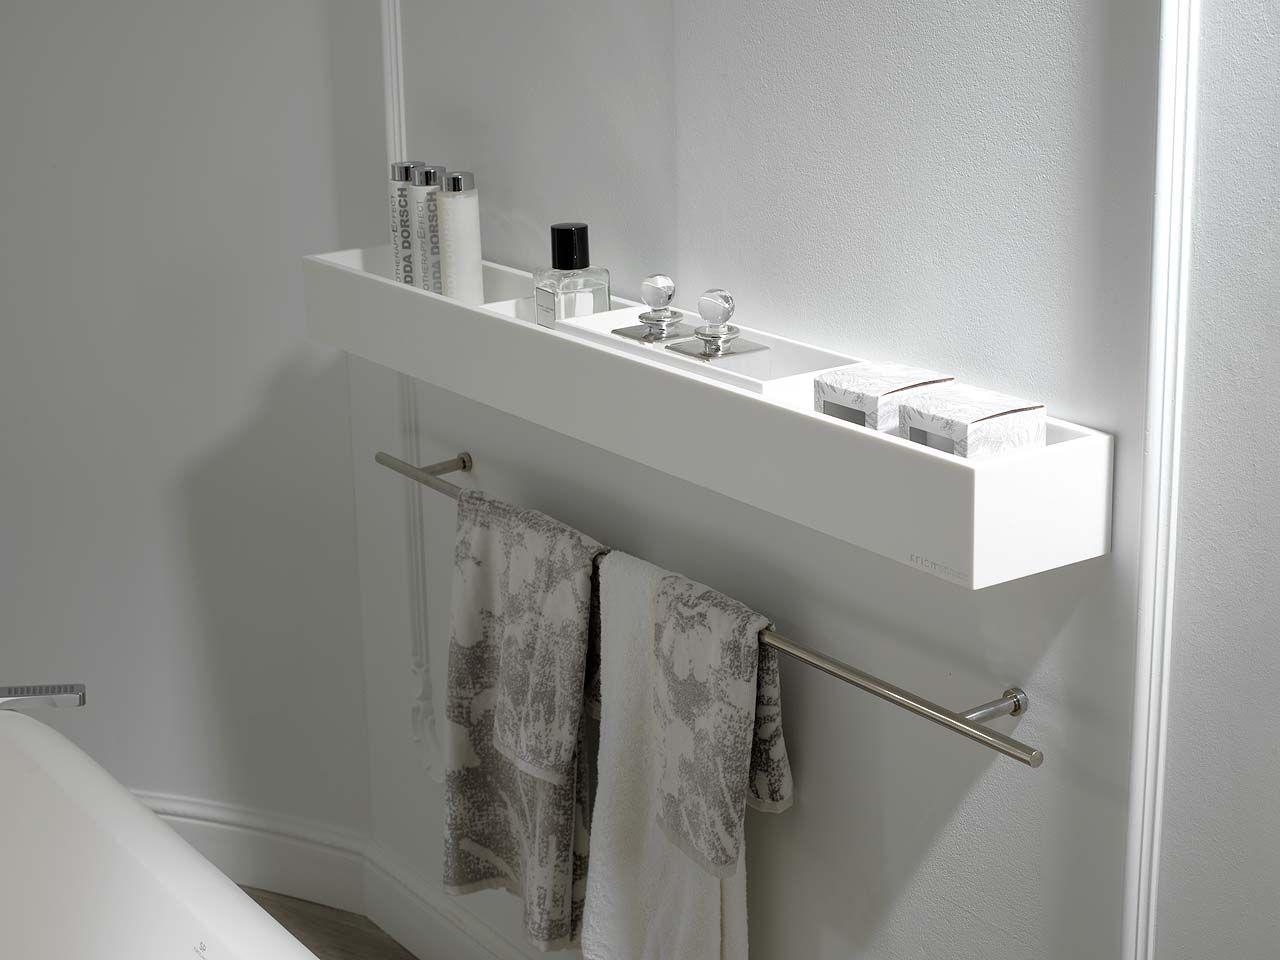 accesorios de baño modul · k | decoración | pinterest | alcove